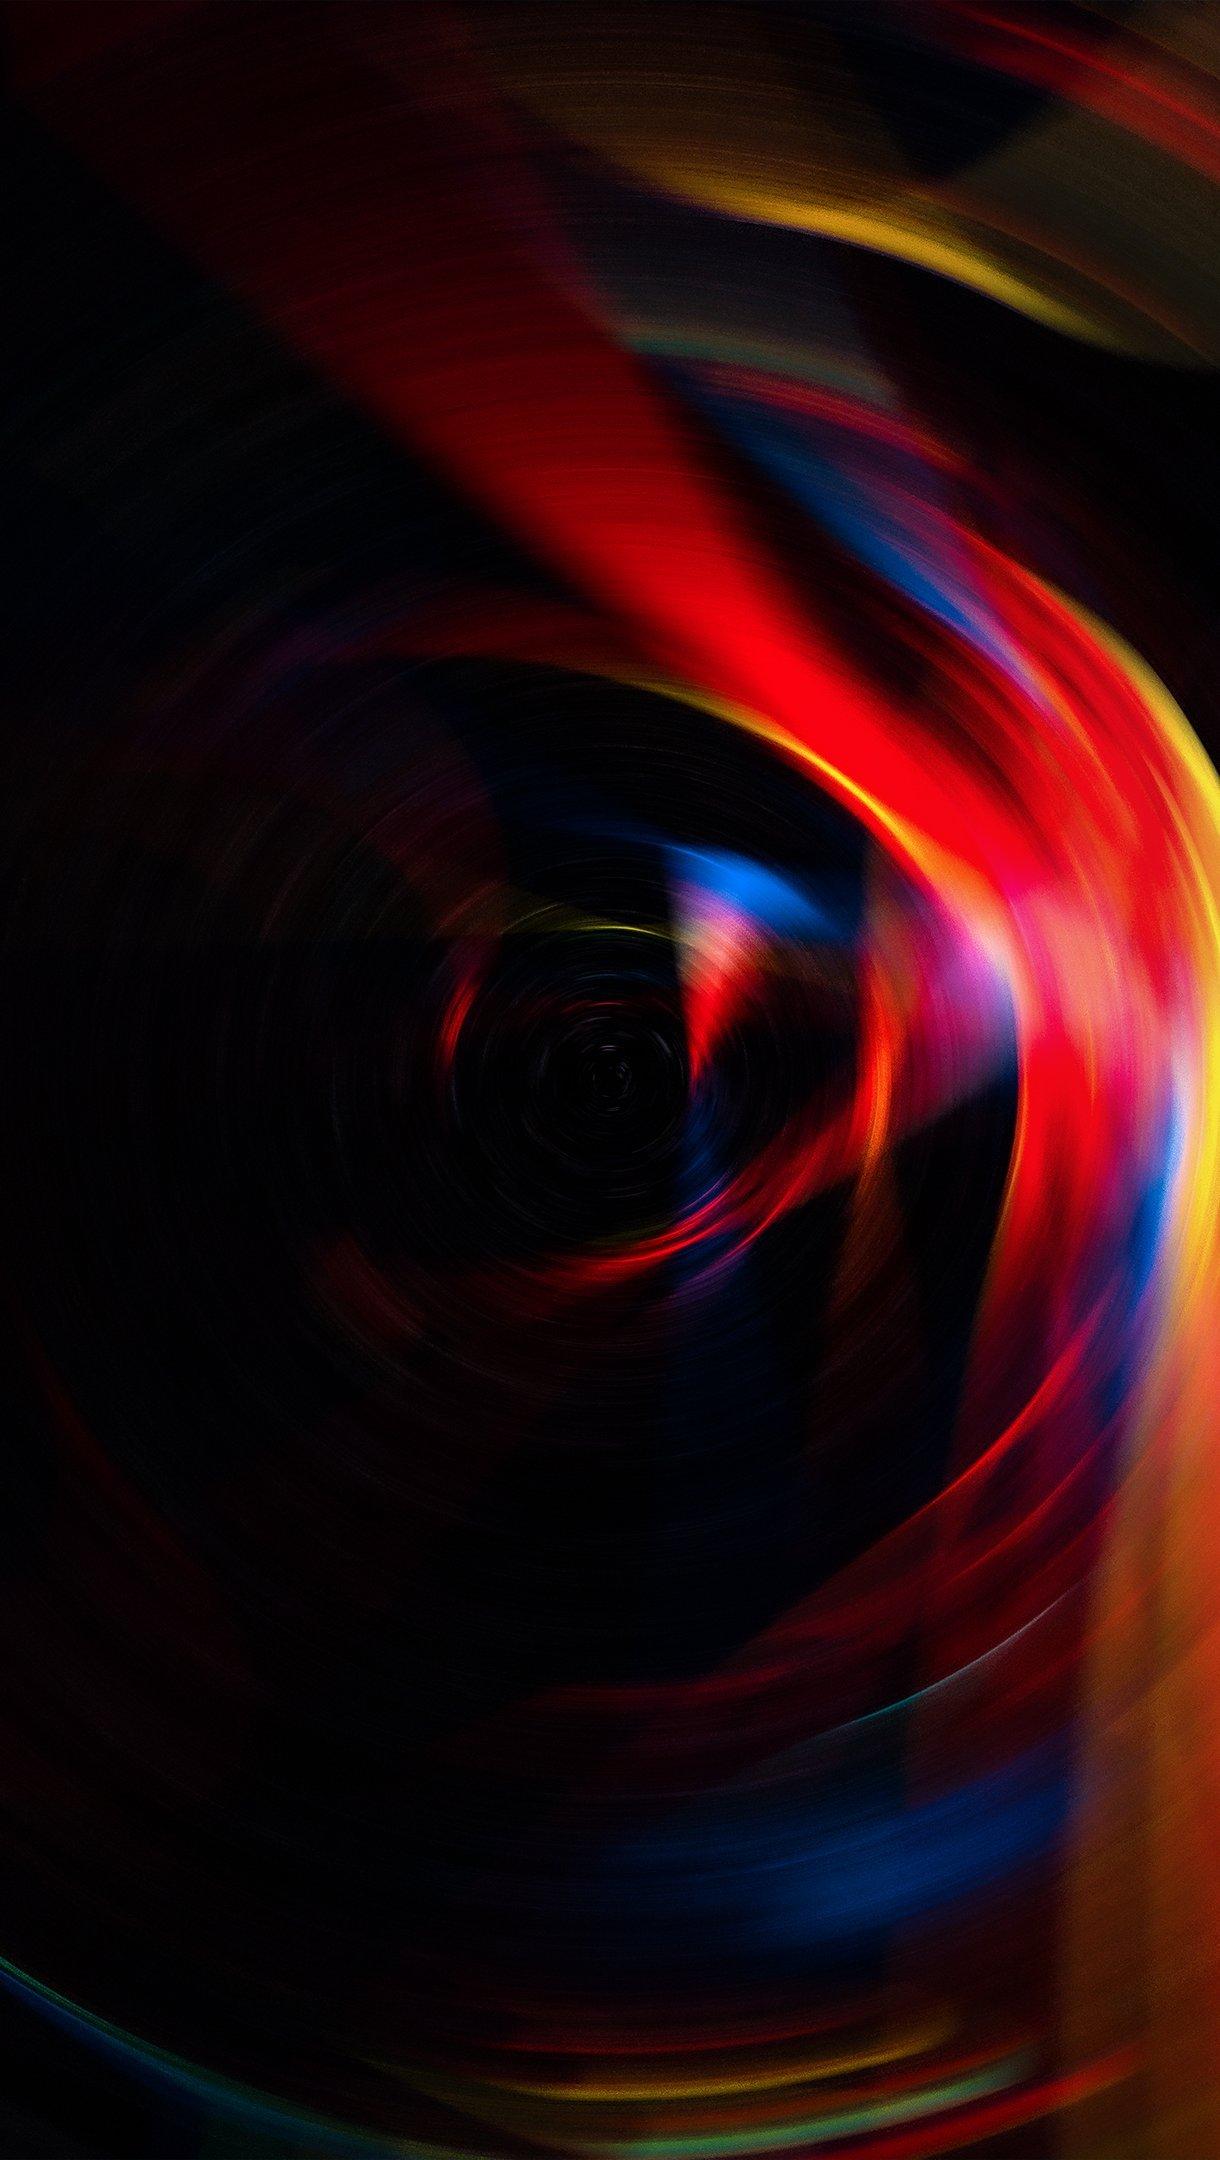 Fondos de pantalla Lente de cámara Abstracto Vertical